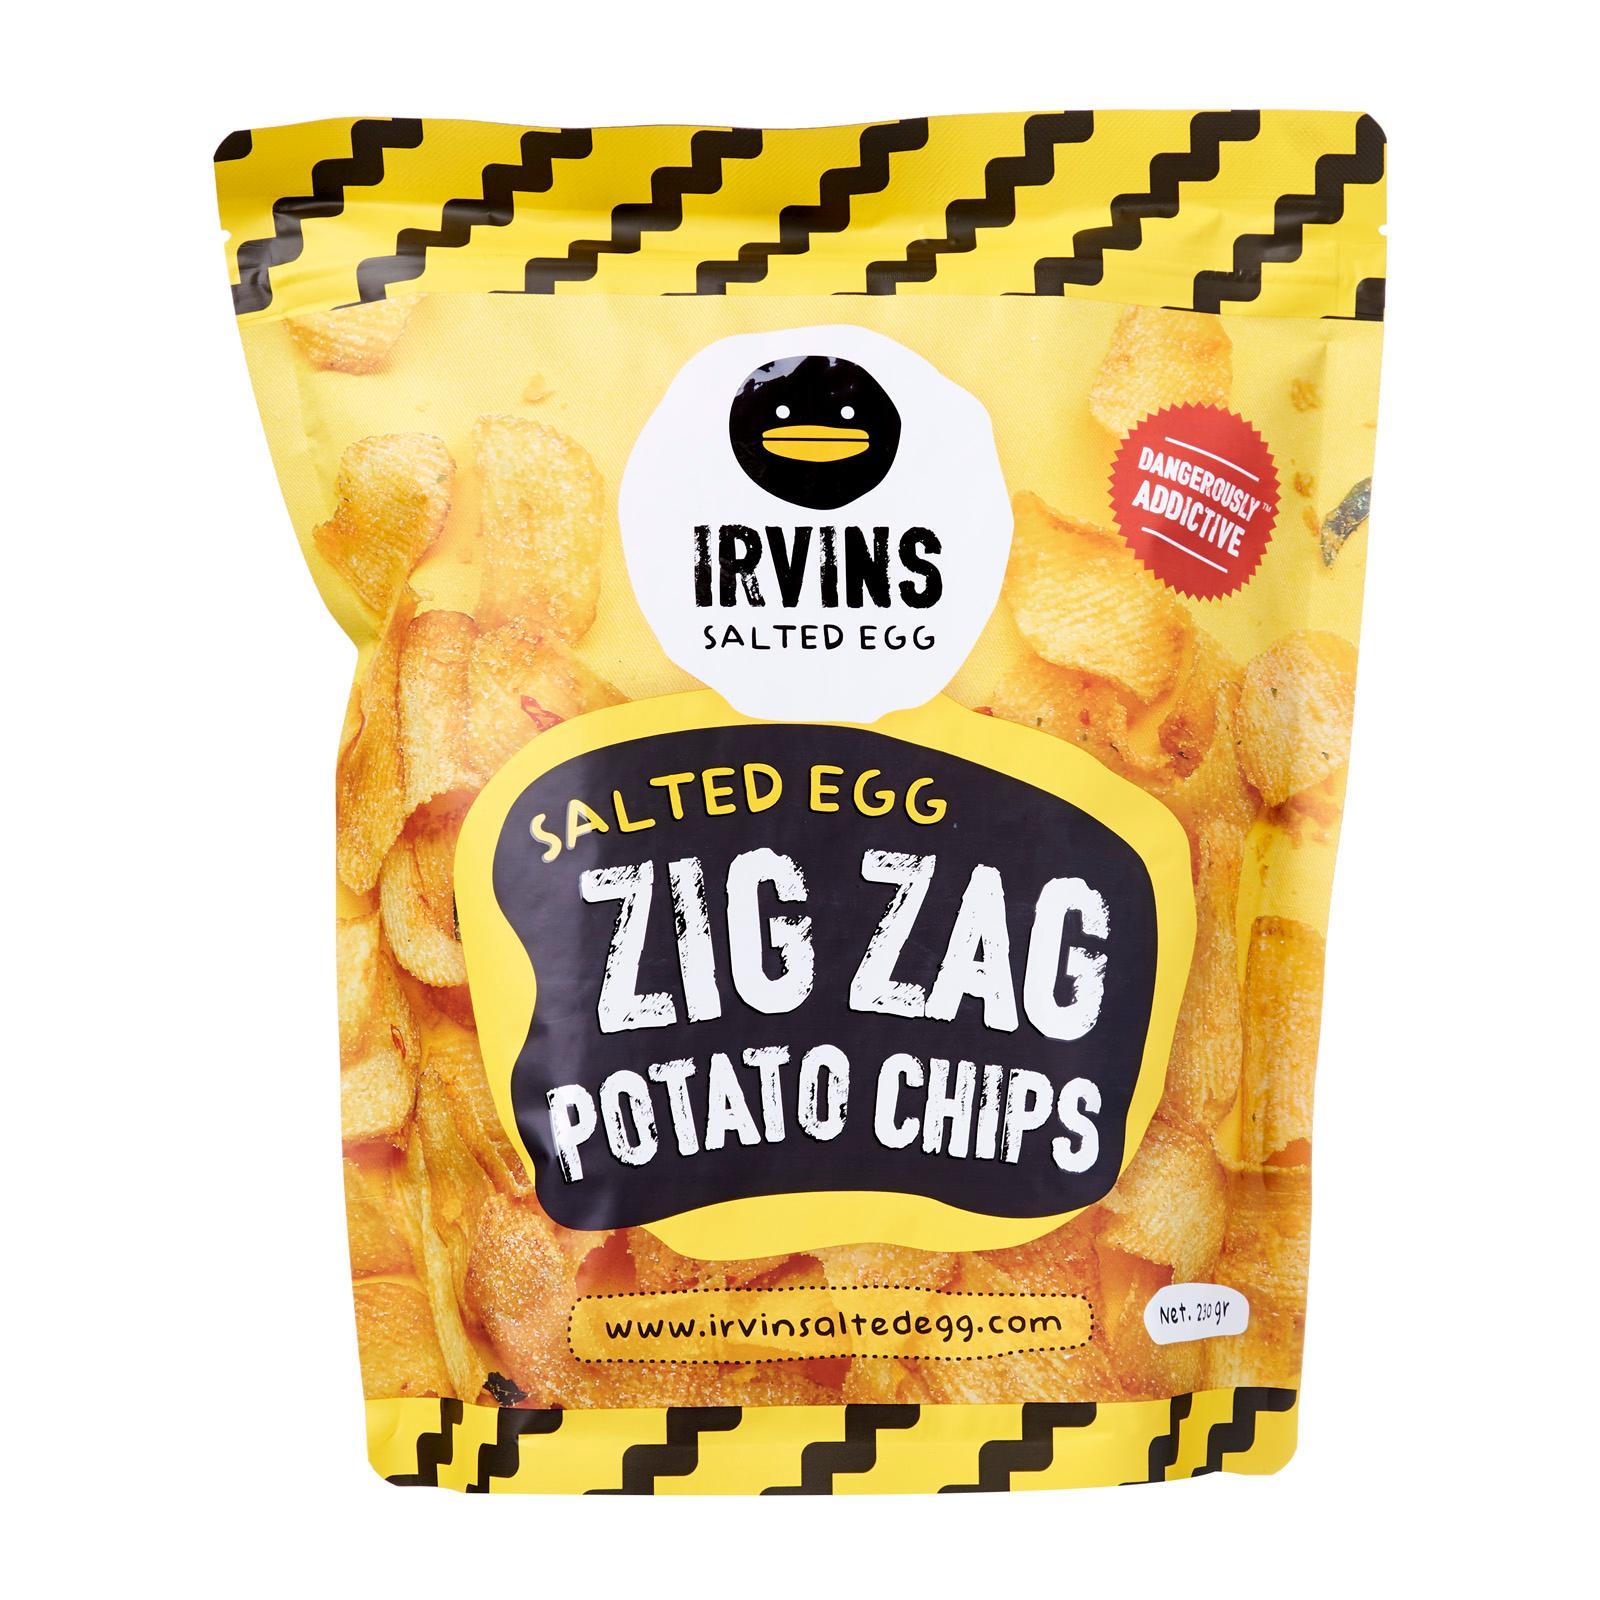 Irvins Salted Egg Salted Egg Zig Zag Potato Chips (230g)